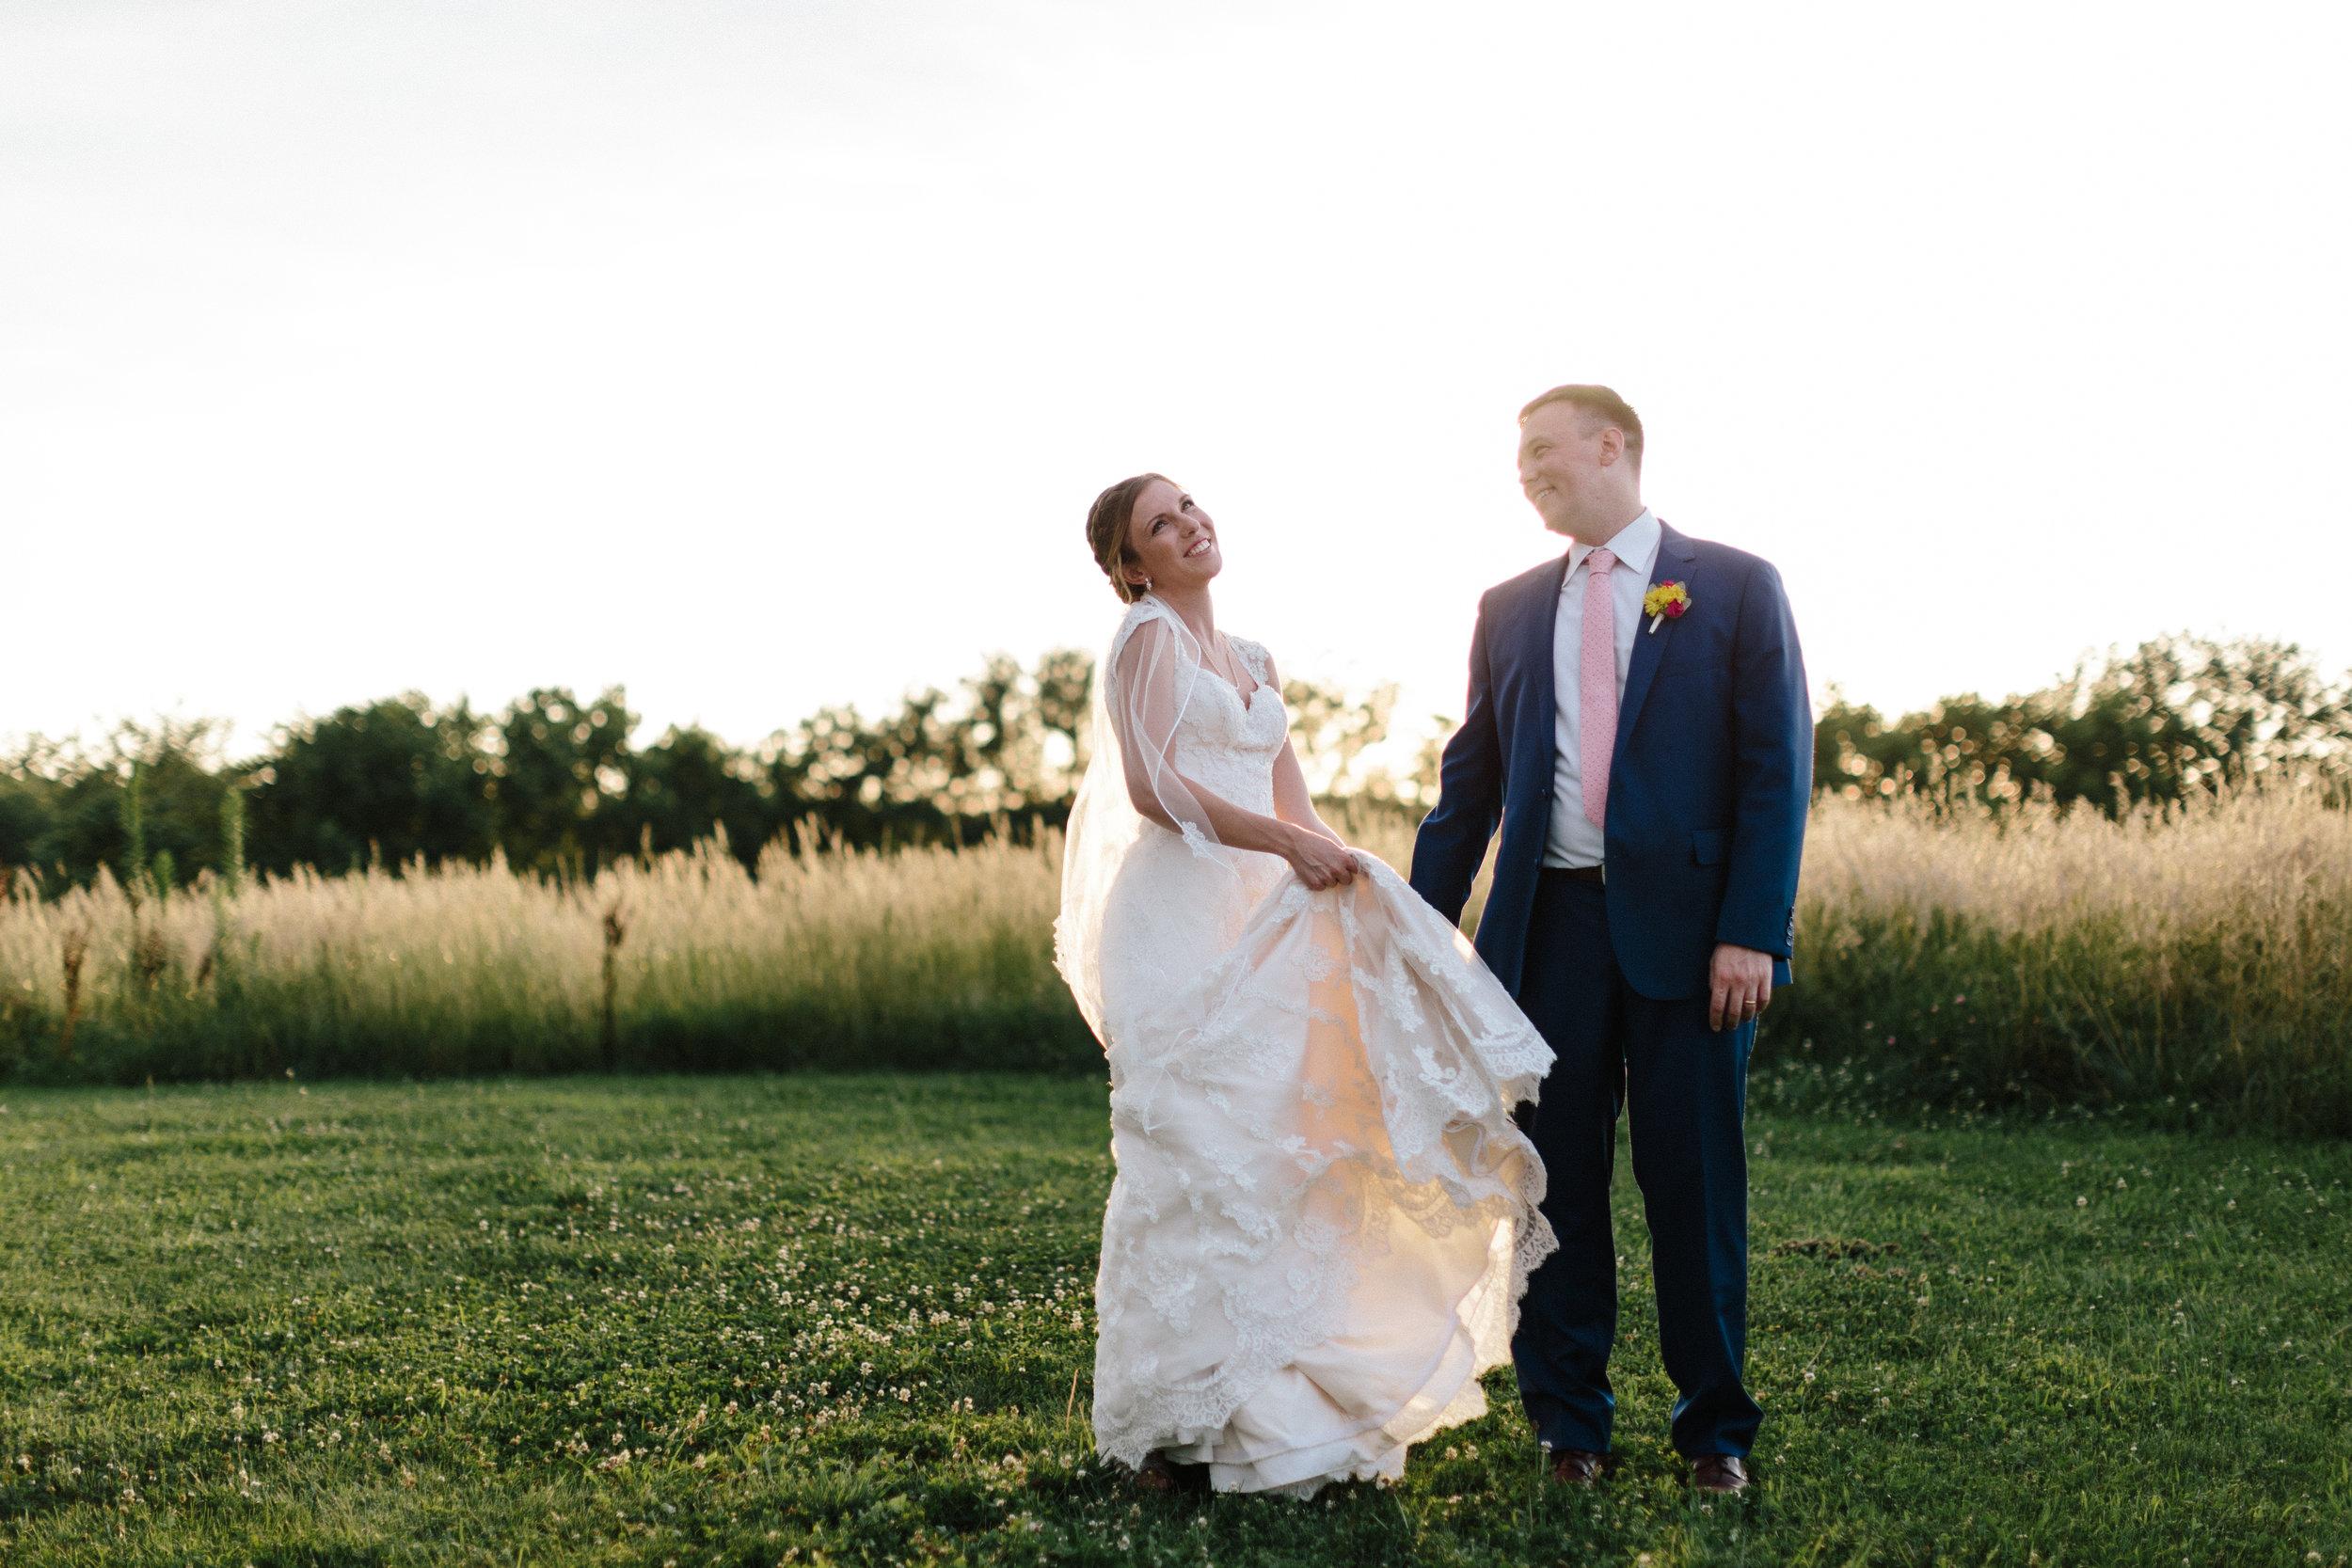 alyssa barletter photography weston missouri bright summer wedding allie and alex cole-49.jpg